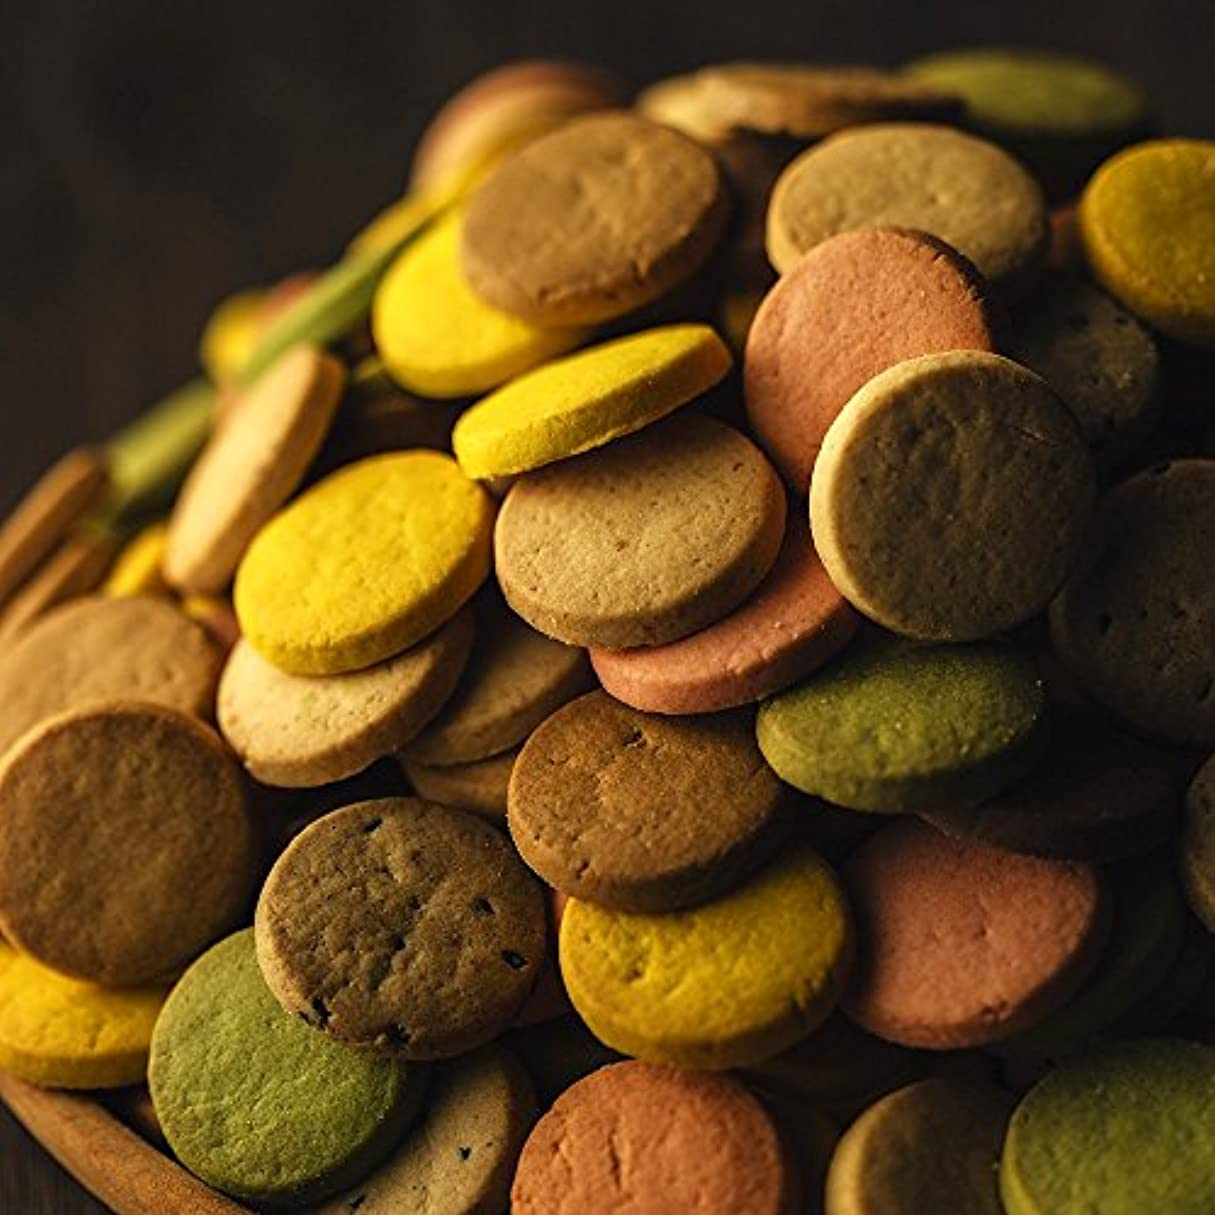 血まみれめまい架空の豆乳おからクッキー蒟蒻マンナン入り 3kg